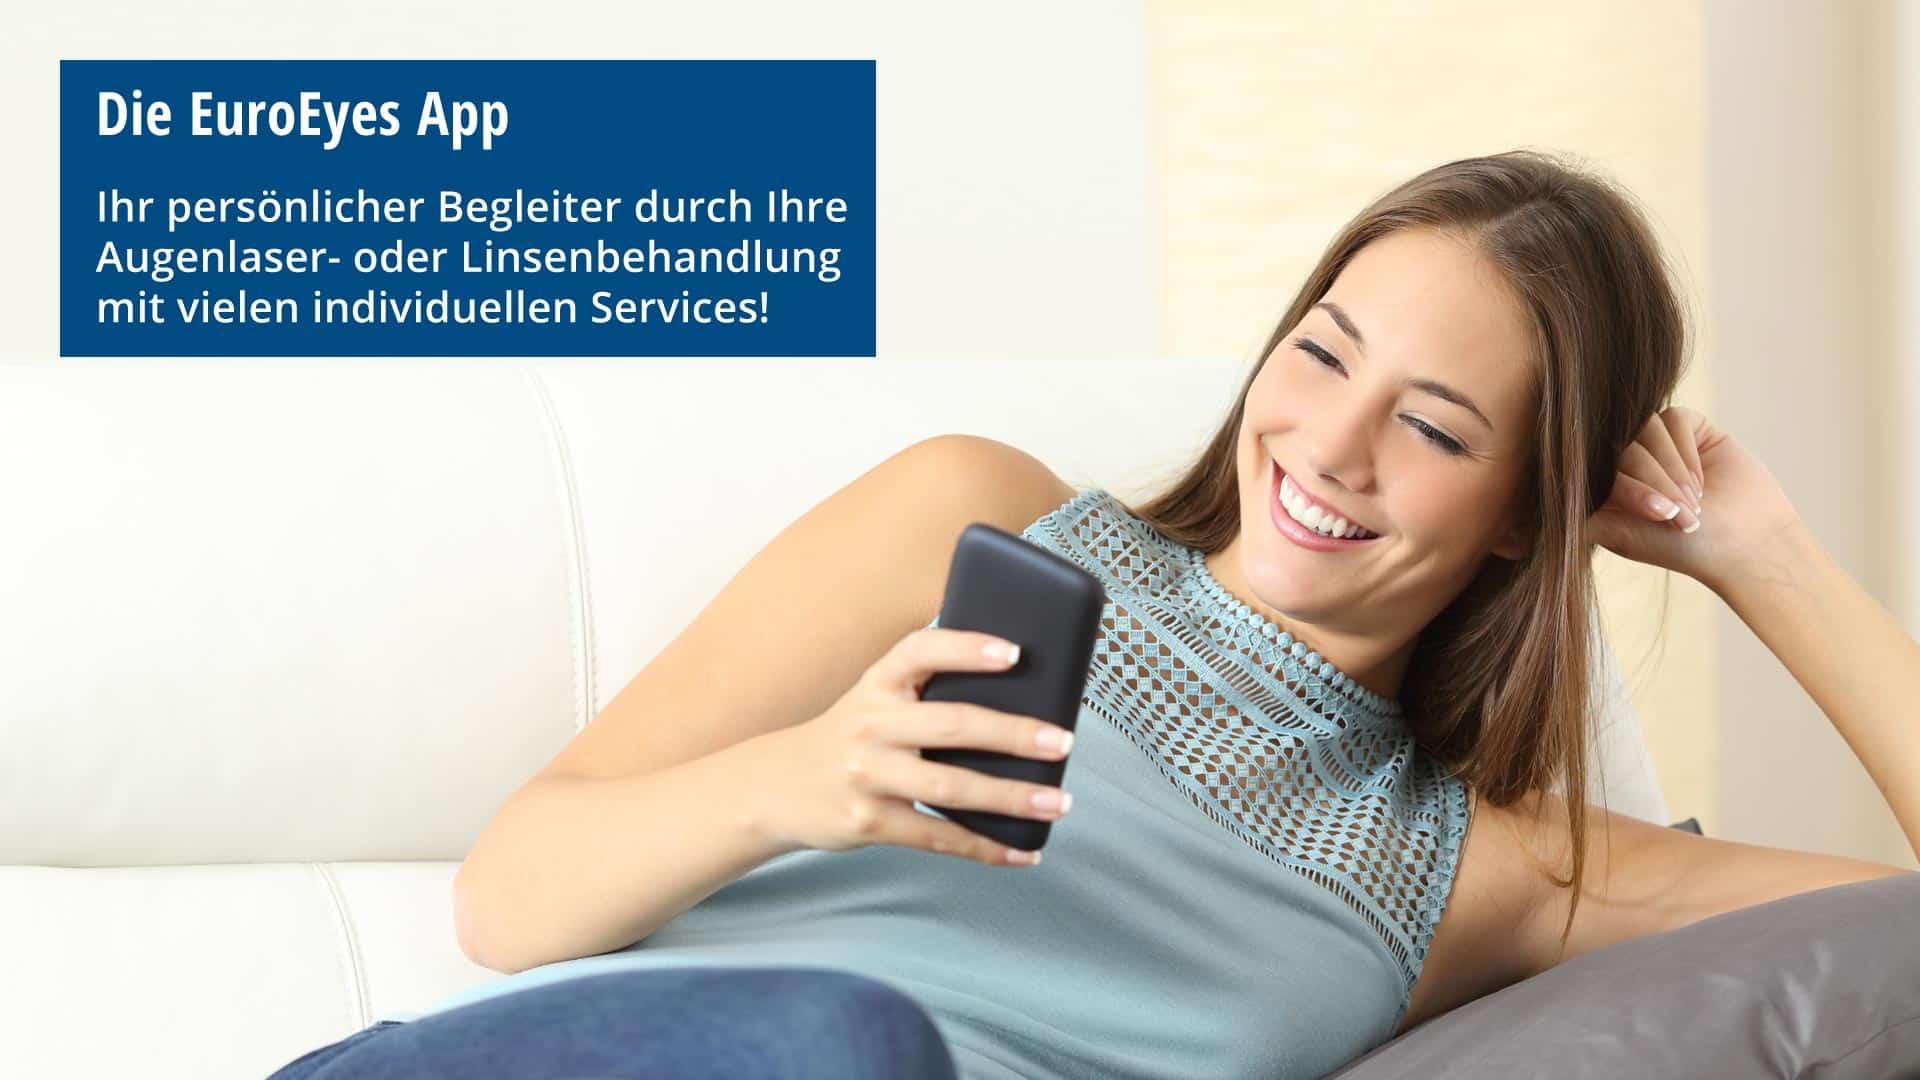 Die EuroEyes-App: Ihr persönlicher Begleiter durch Ihre Augenlaser- oder Linsenbehandlung mit vielen individuellen Services!